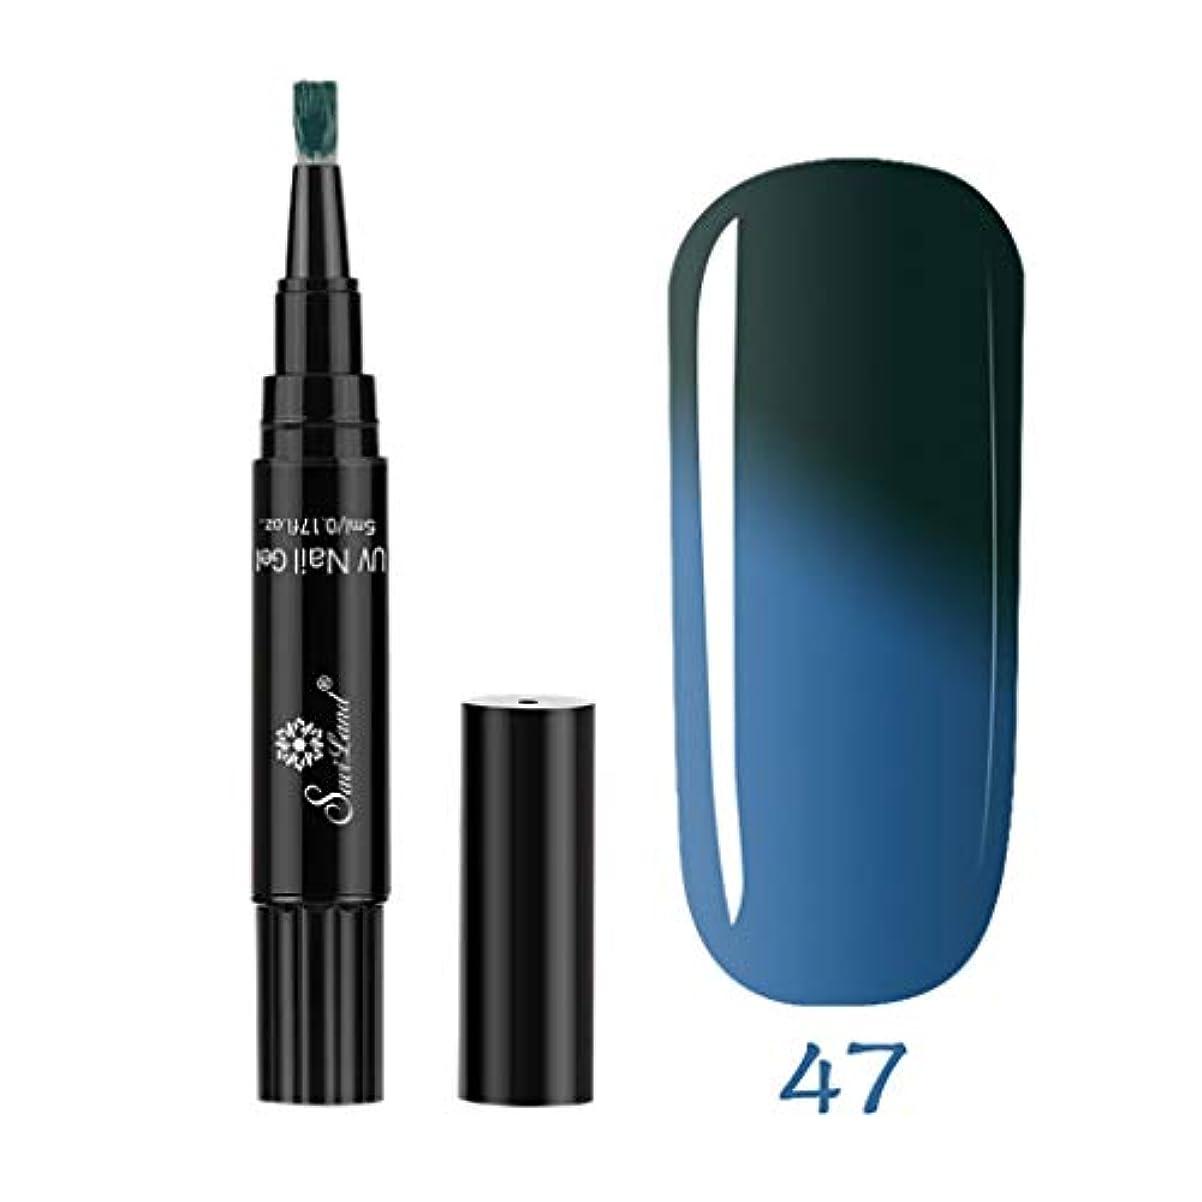 1ステップネイルジェルペンに1 Pc 3 UV温度変更ジェルを使用するには1ステップネイル (H)